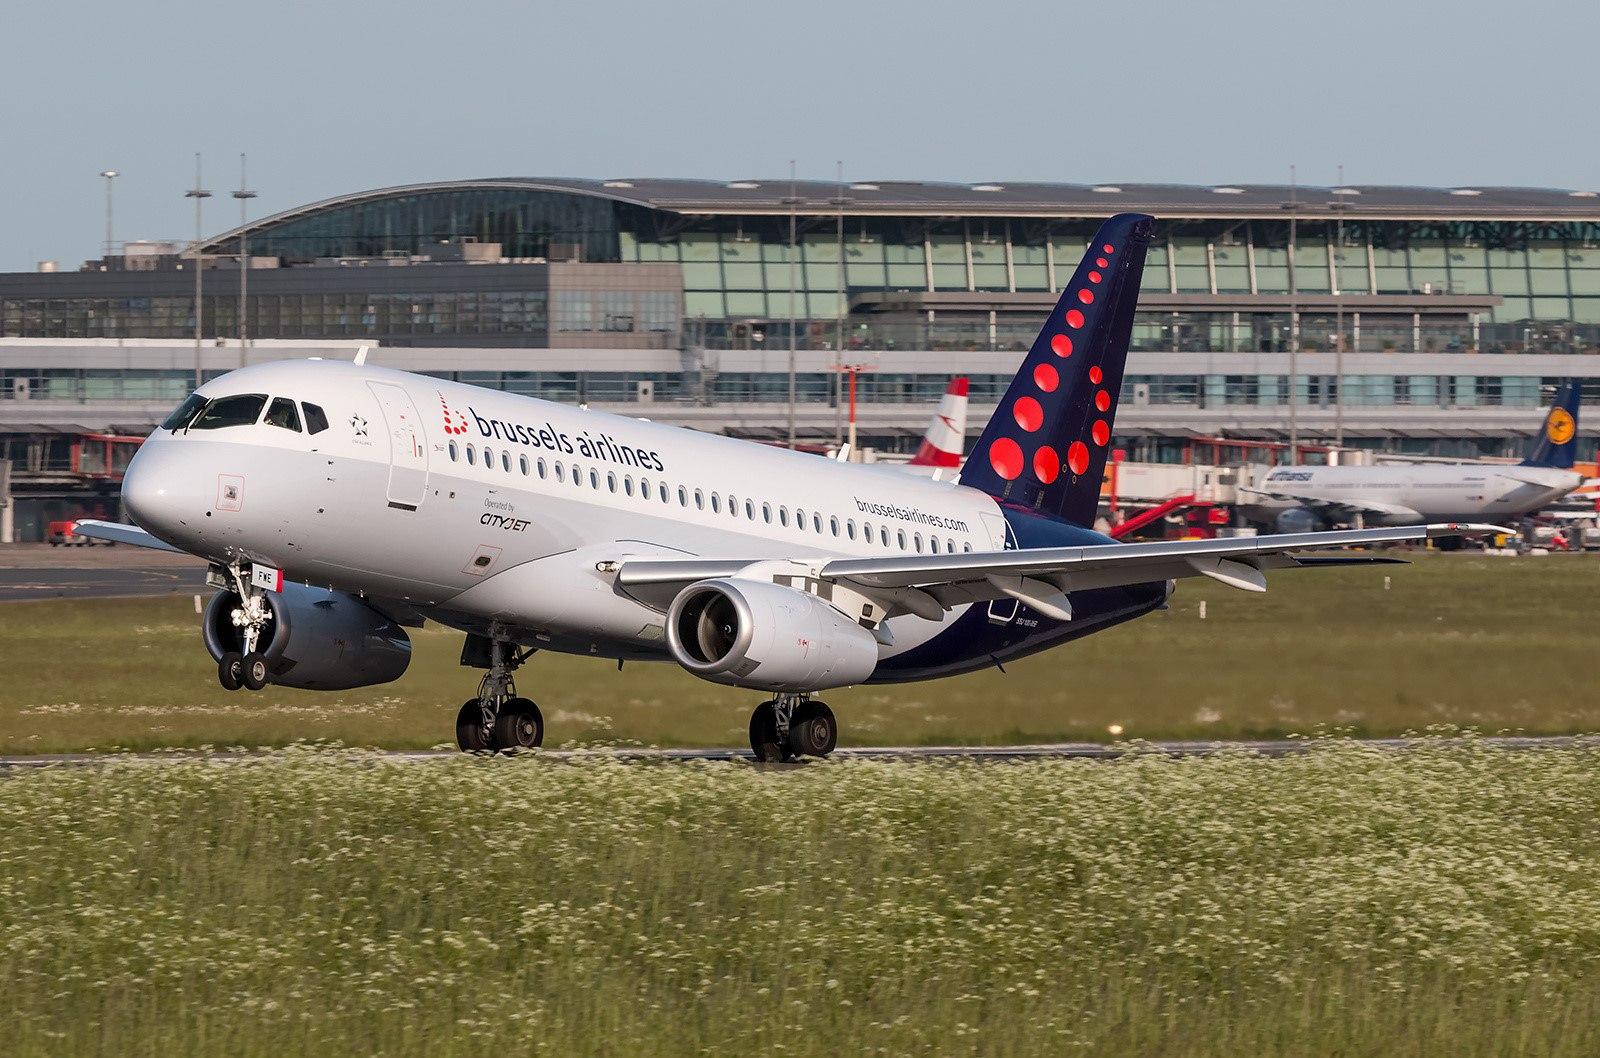 Лайнер брюссельской авиакомпании